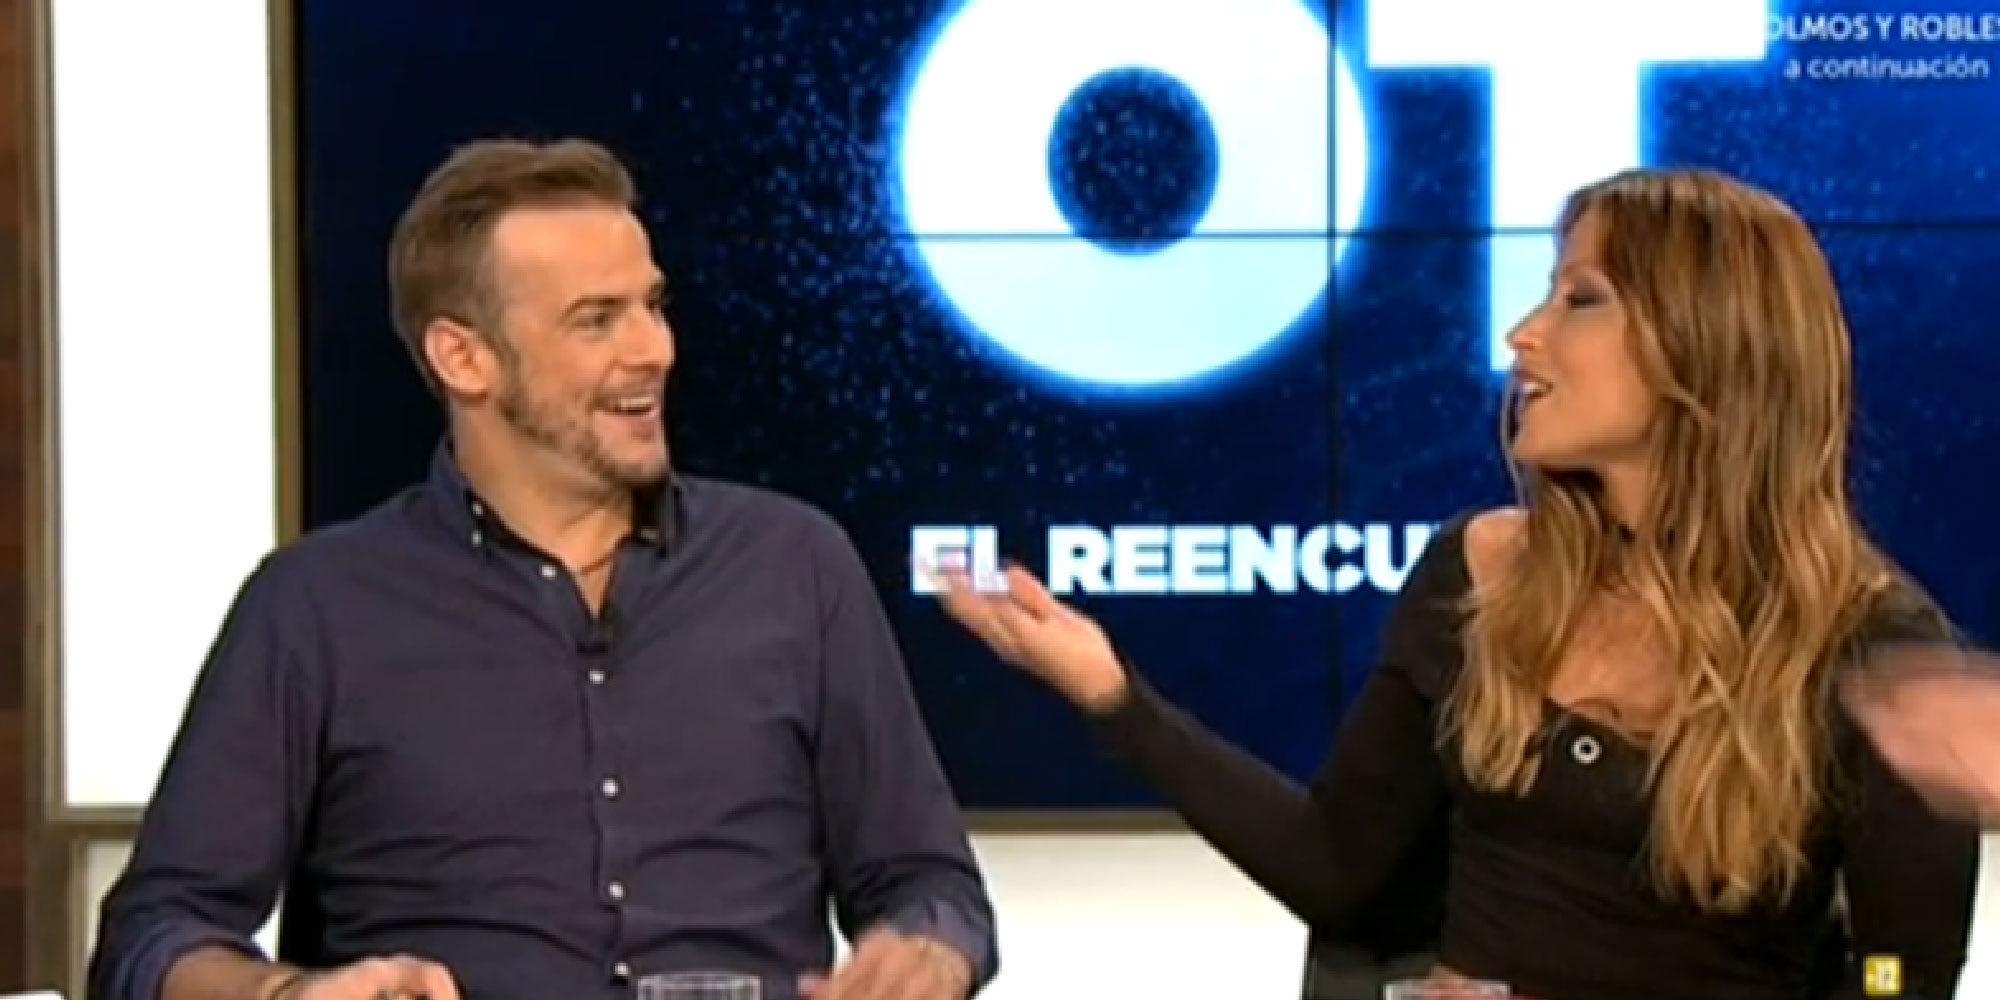 'Hora punta', el nuevo programa de La 1, se estrena con un bombazo de OT: ¡Álex y Vero estuvieron liados!